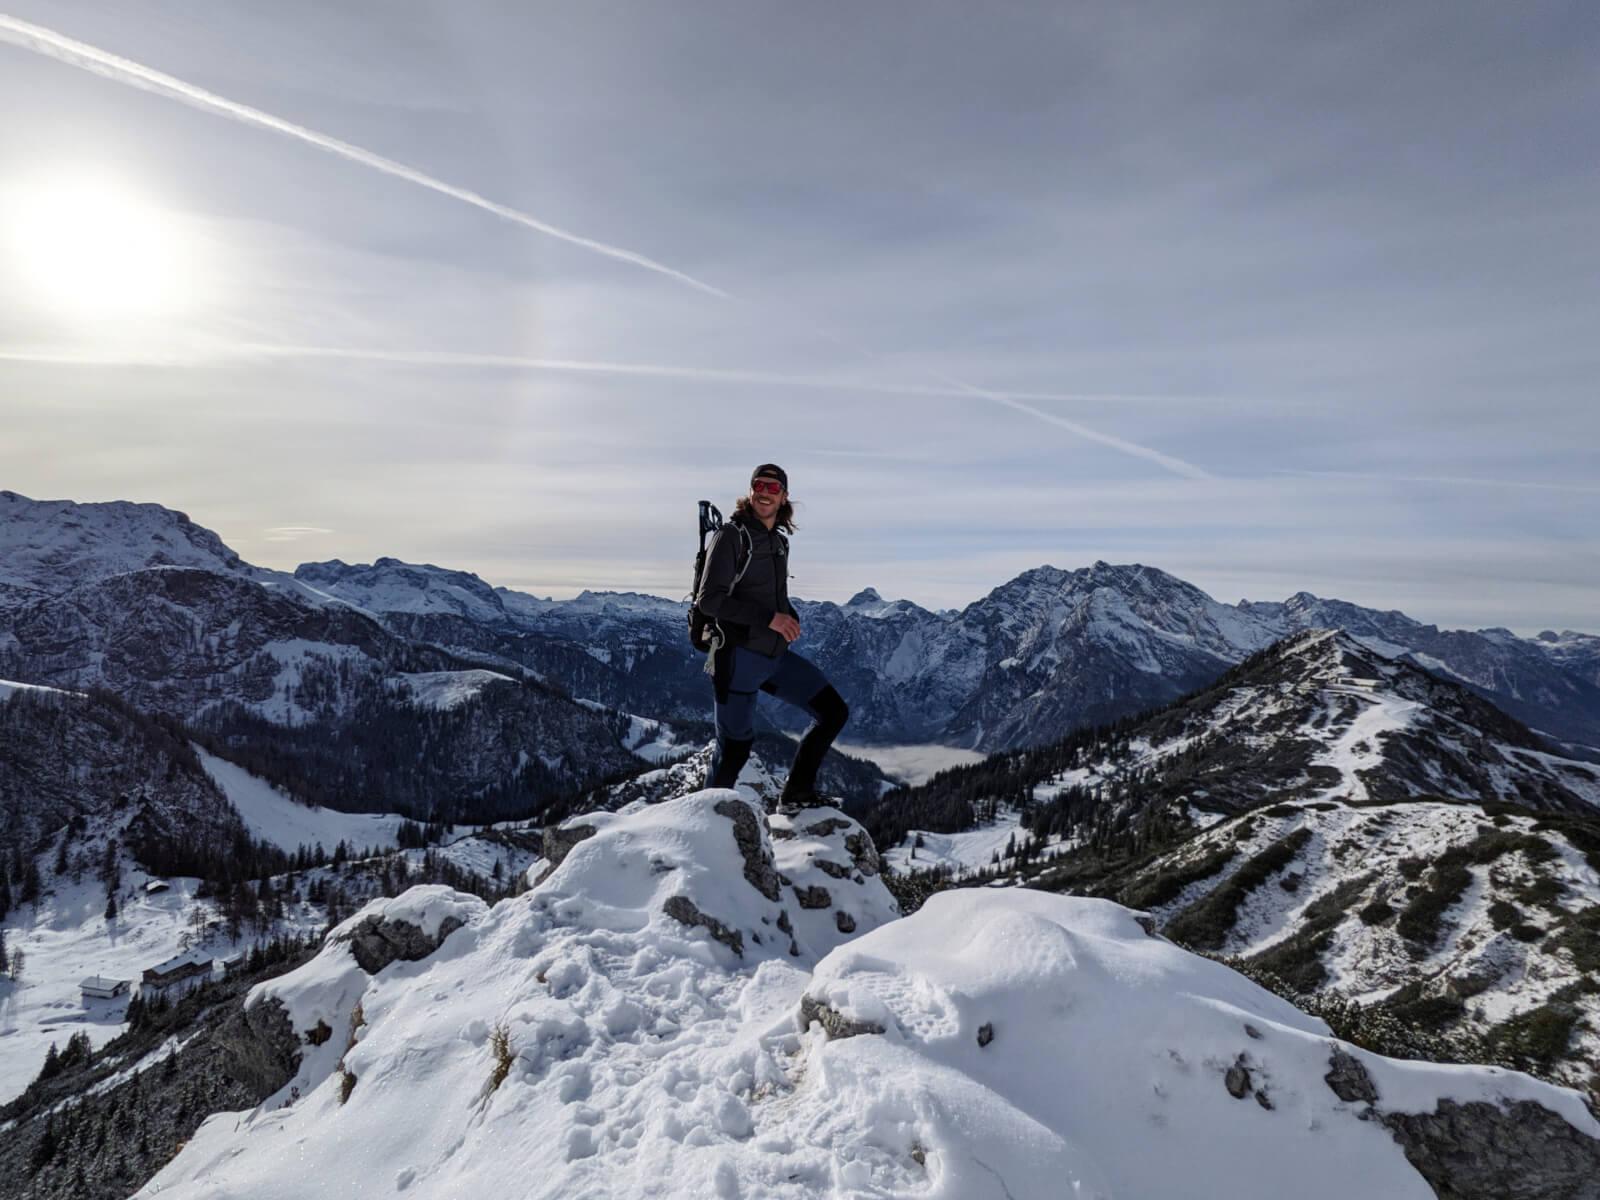 Wanderer im Schnee auf einem Bergkamm